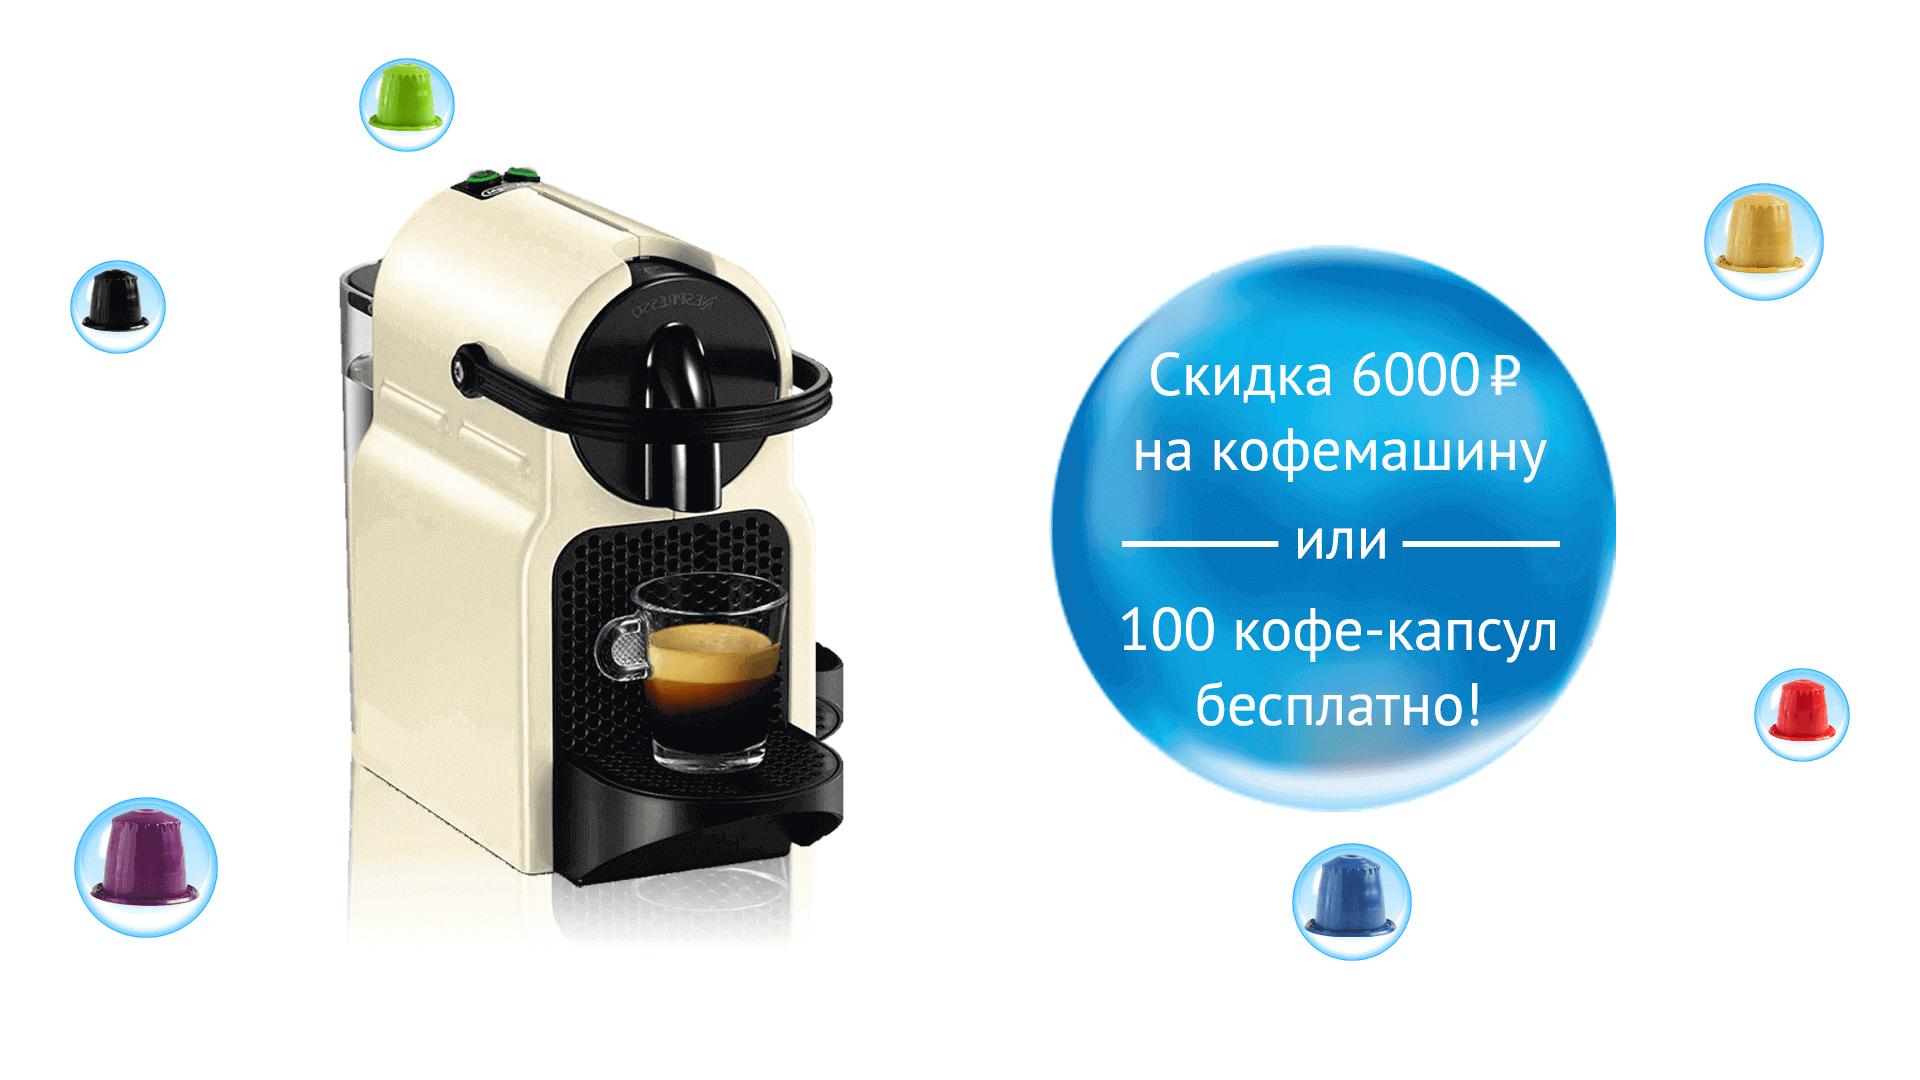 Кофемашина Nespresso Inissia со скидкой 6000 рублей при покупке с кофе